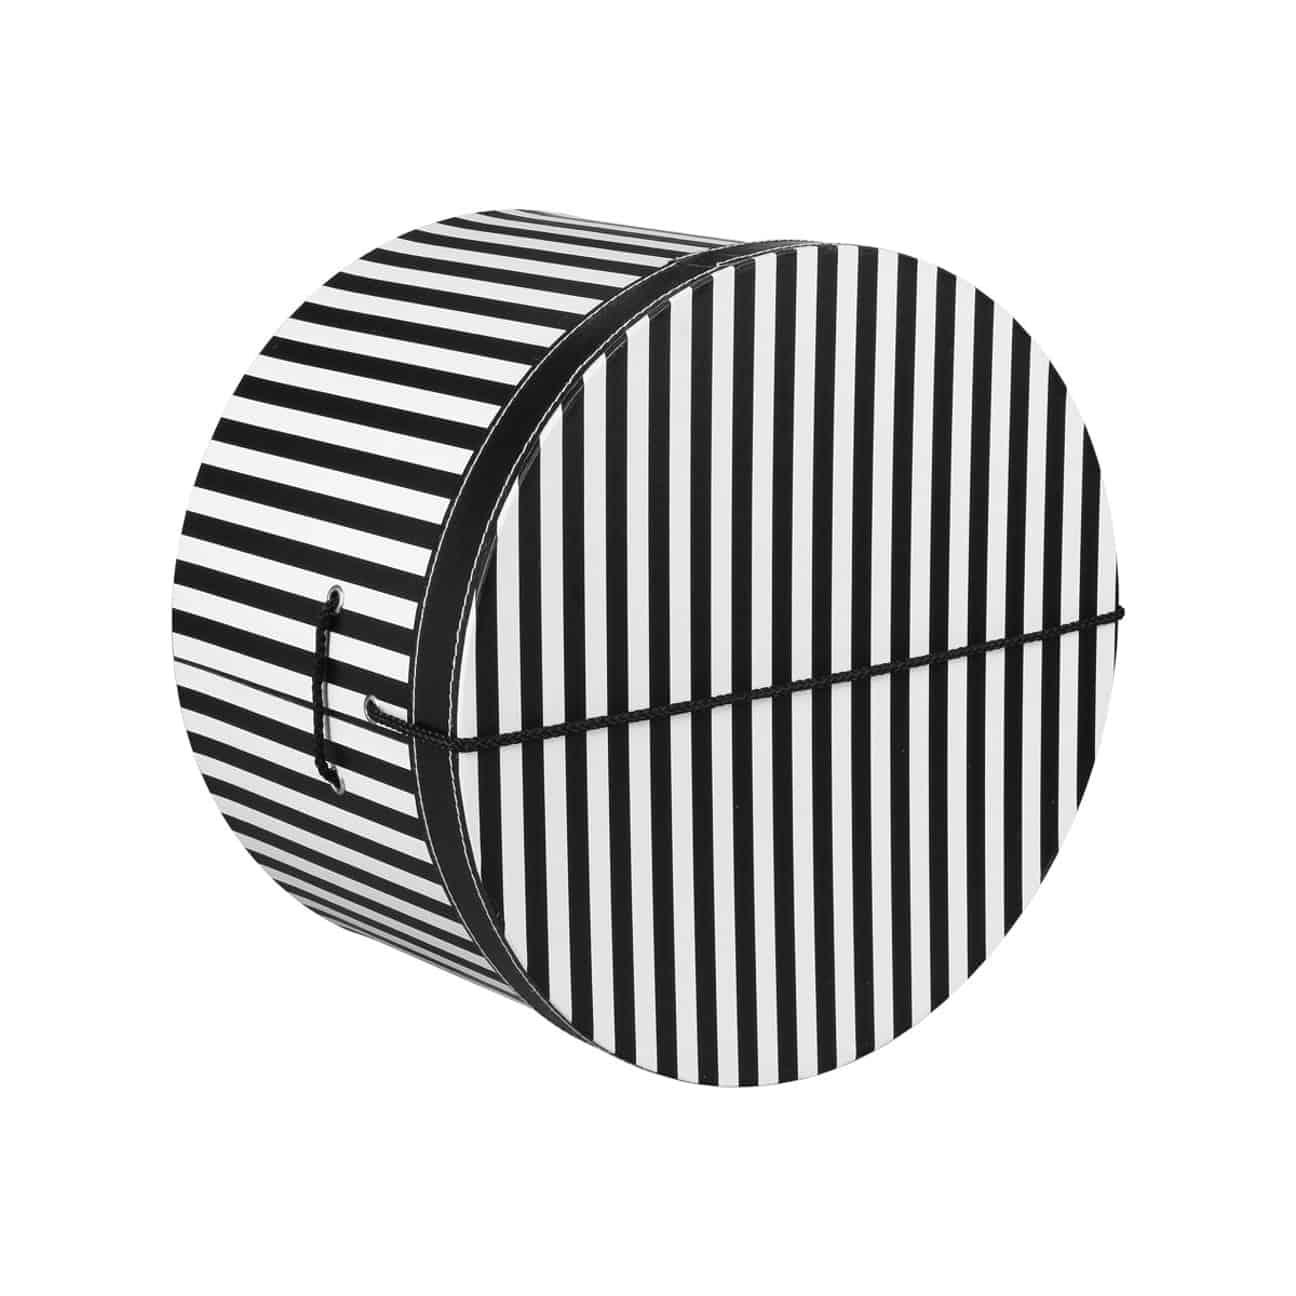 Caja Sombrero a Rayas 31 cm by Lierys - Sombreros - sombreroshop.es 9b519a970fa